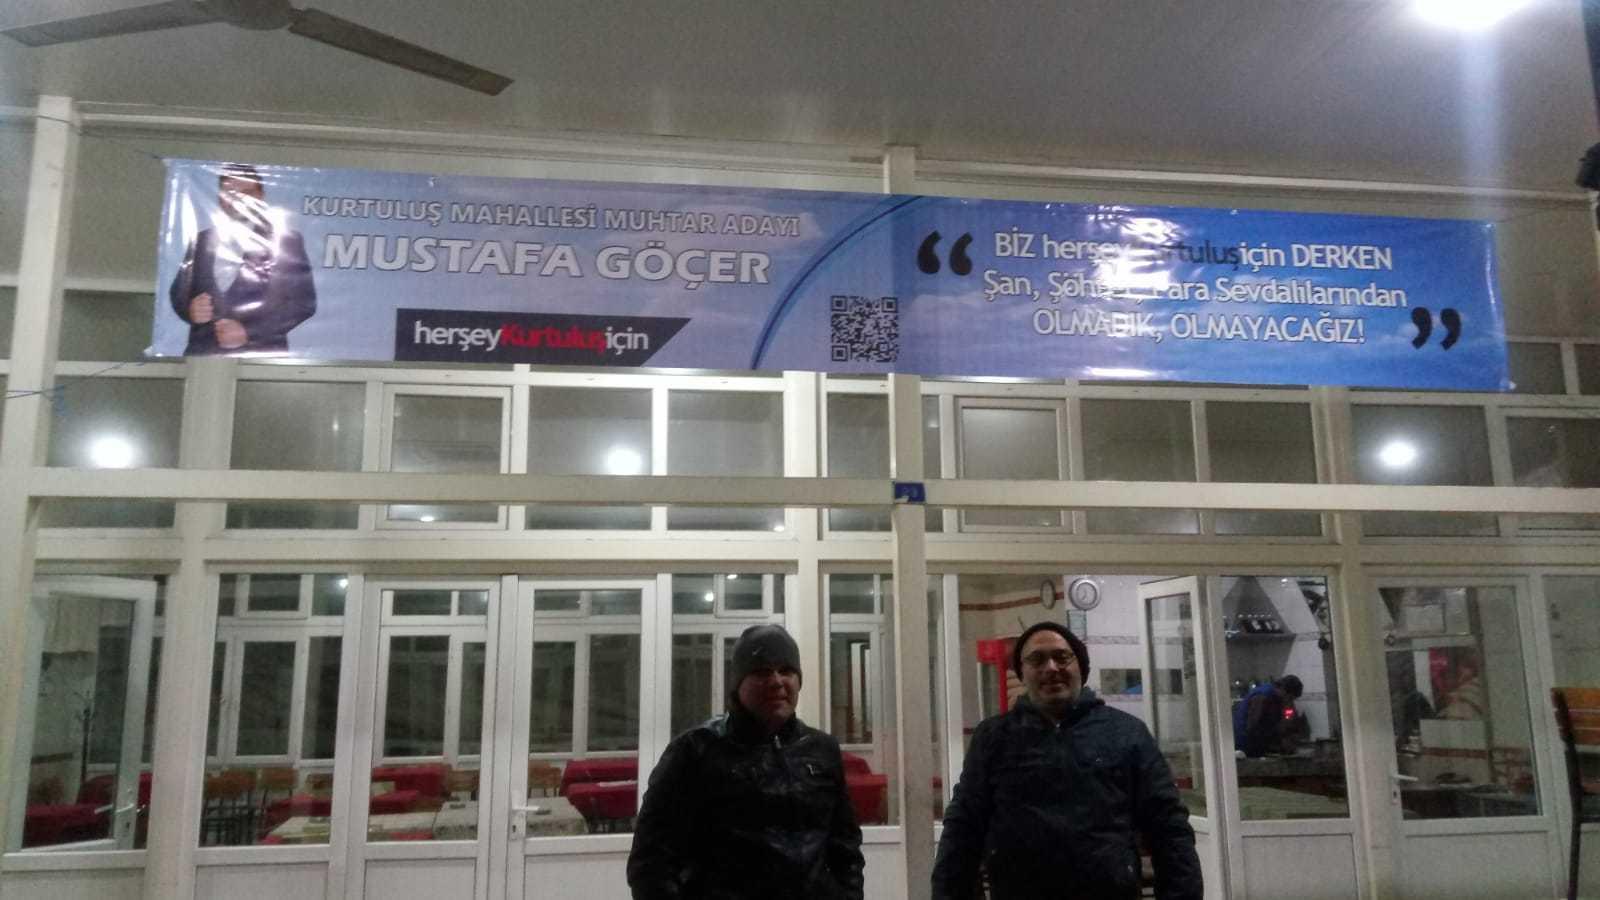 İncirliova'da Muhtar Adaylarının Afişleri Kaldırıldı